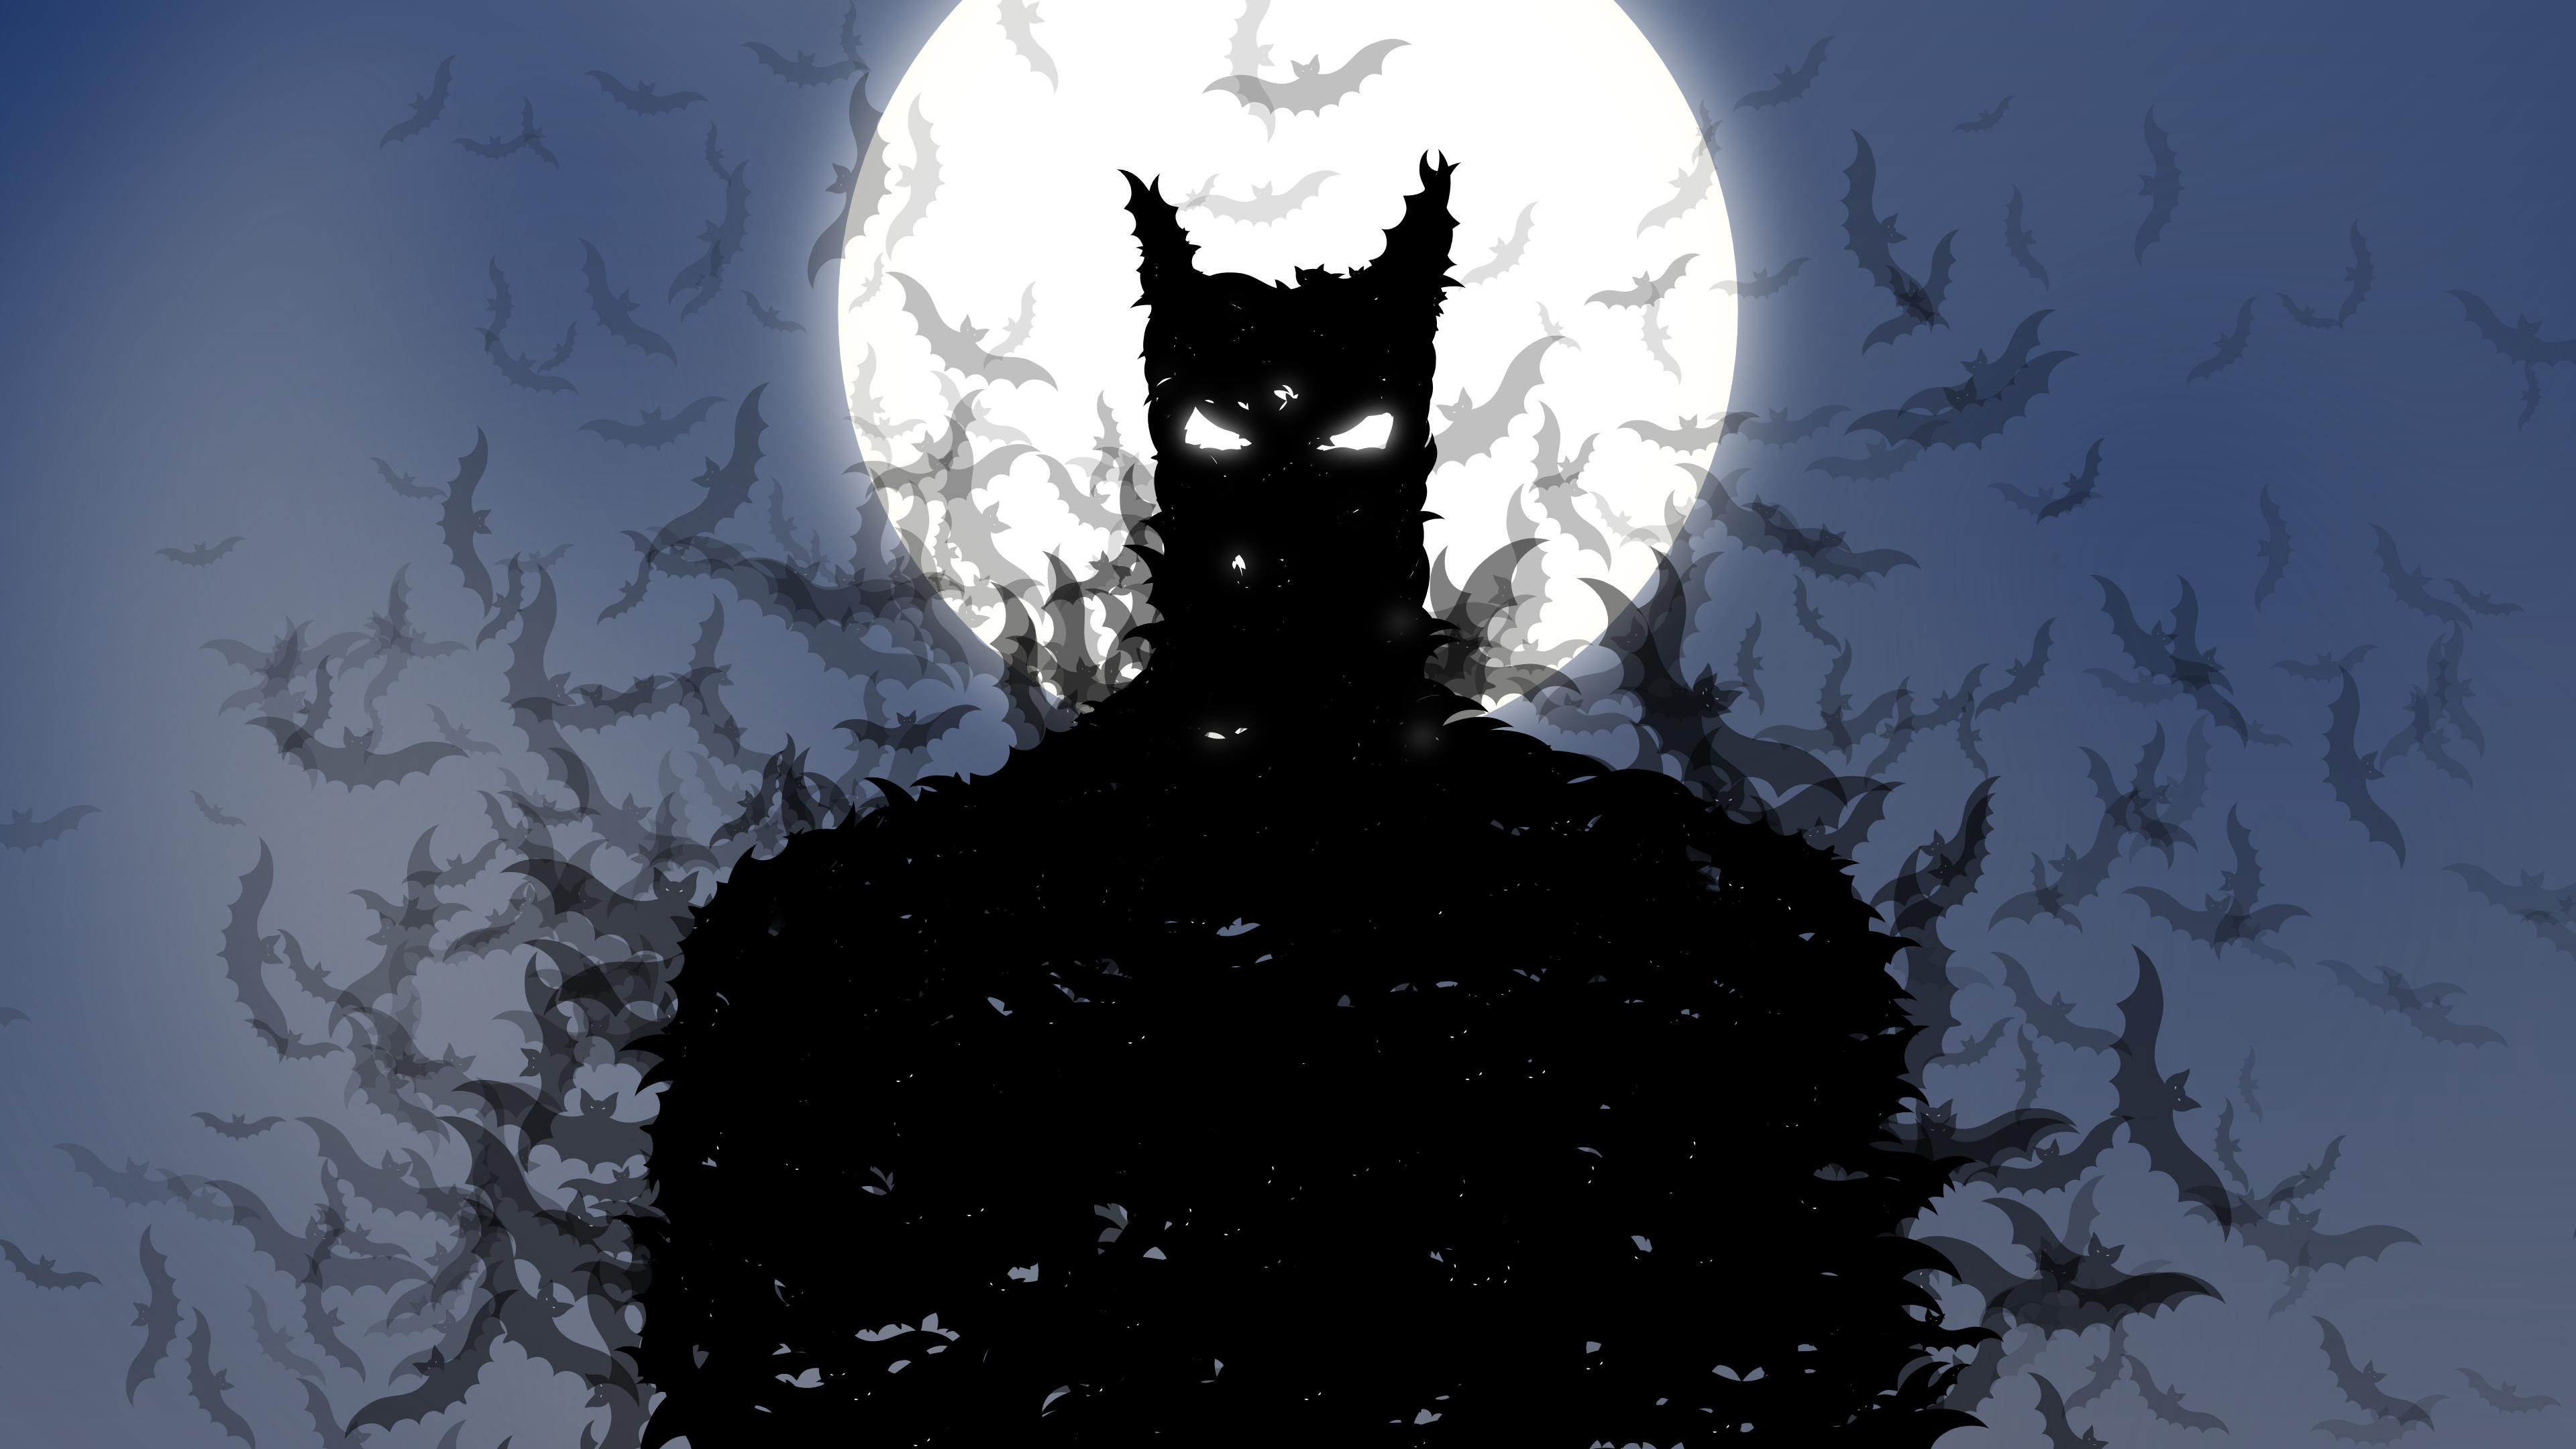 batman 4k art 1545588711 - Batman 4k Art - superheroes wallpapers, hd-wallpapers, digital art wallpapers, deviantart wallpapers, batman wallpapers, artwork wallpapers, artist wallpapers, 4k-wallpapers